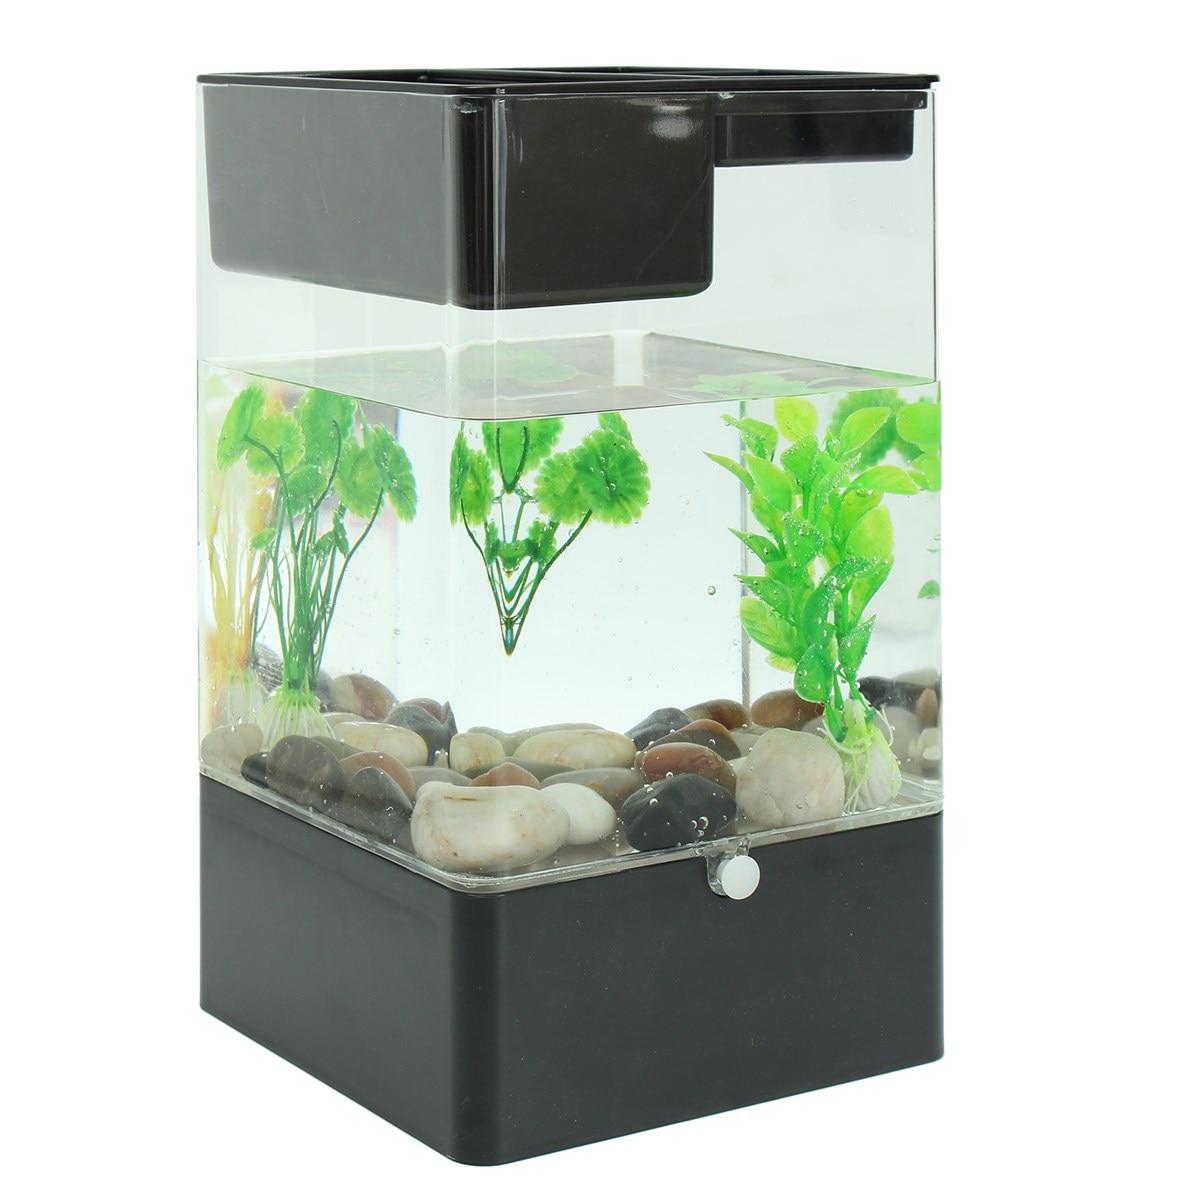 ... Office Desk Aquarium